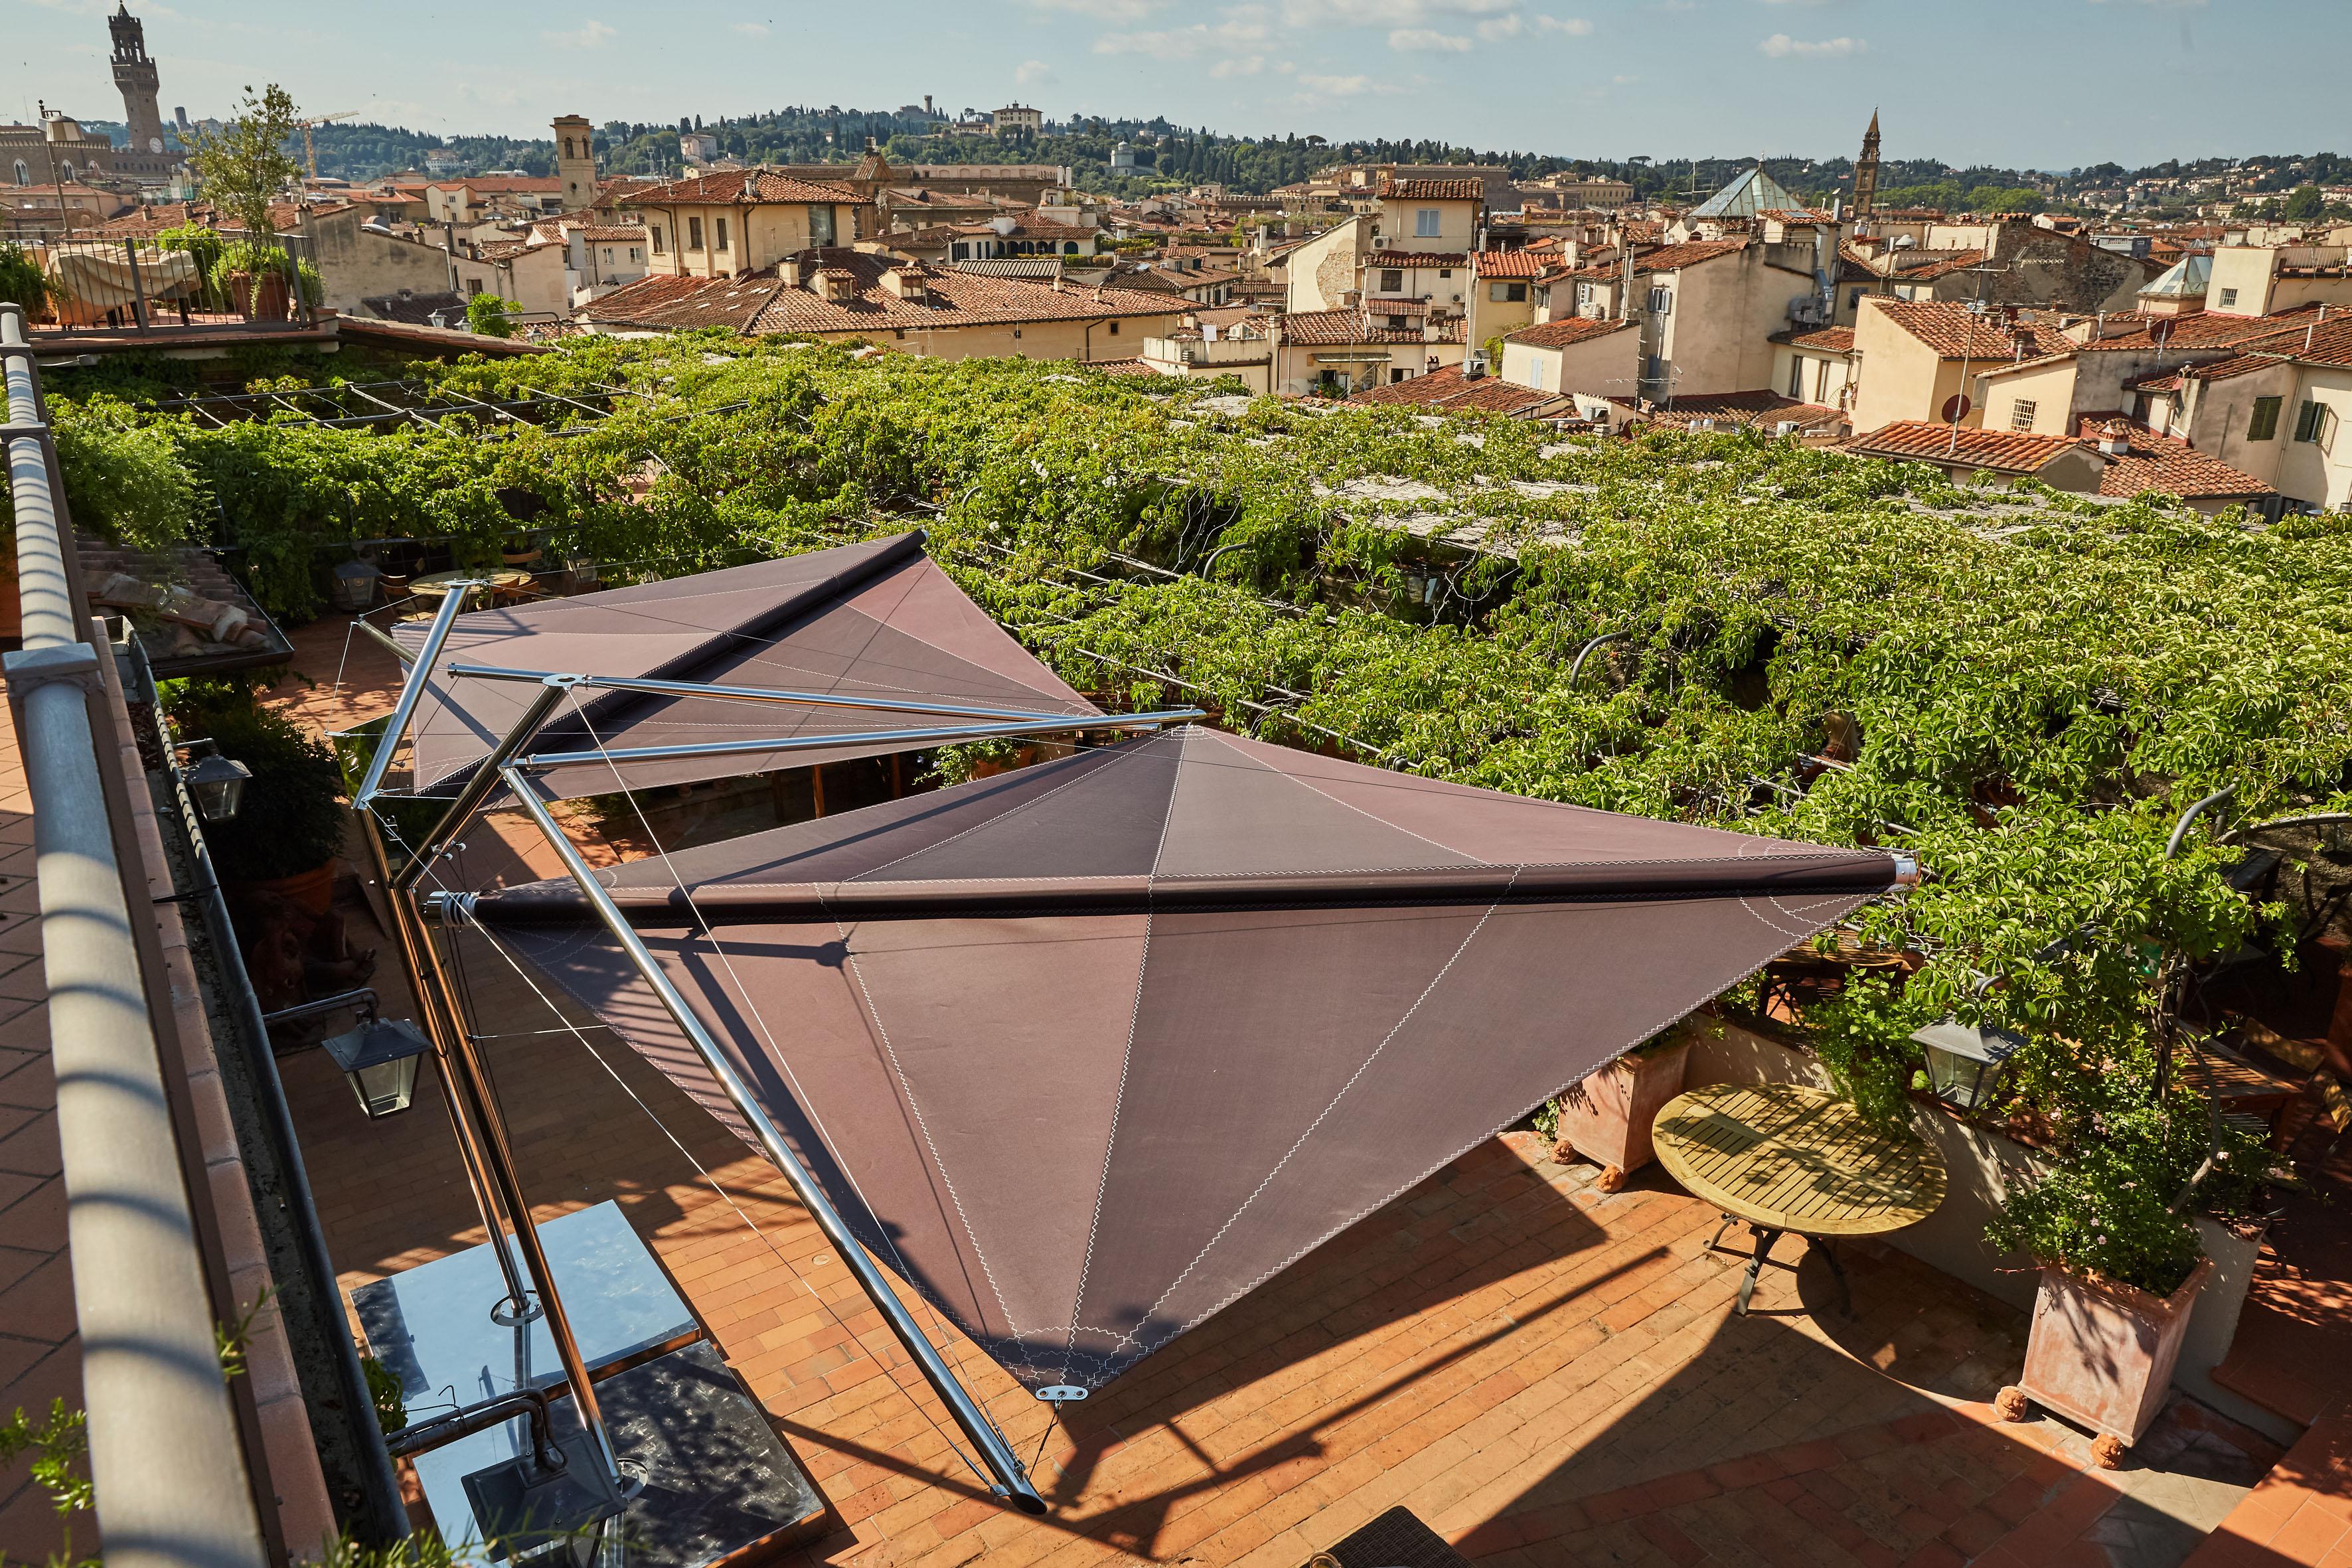 Gli ombreggiatori Kolibrie sulla terrazza del Grand Hotel Baglioni di Firenze